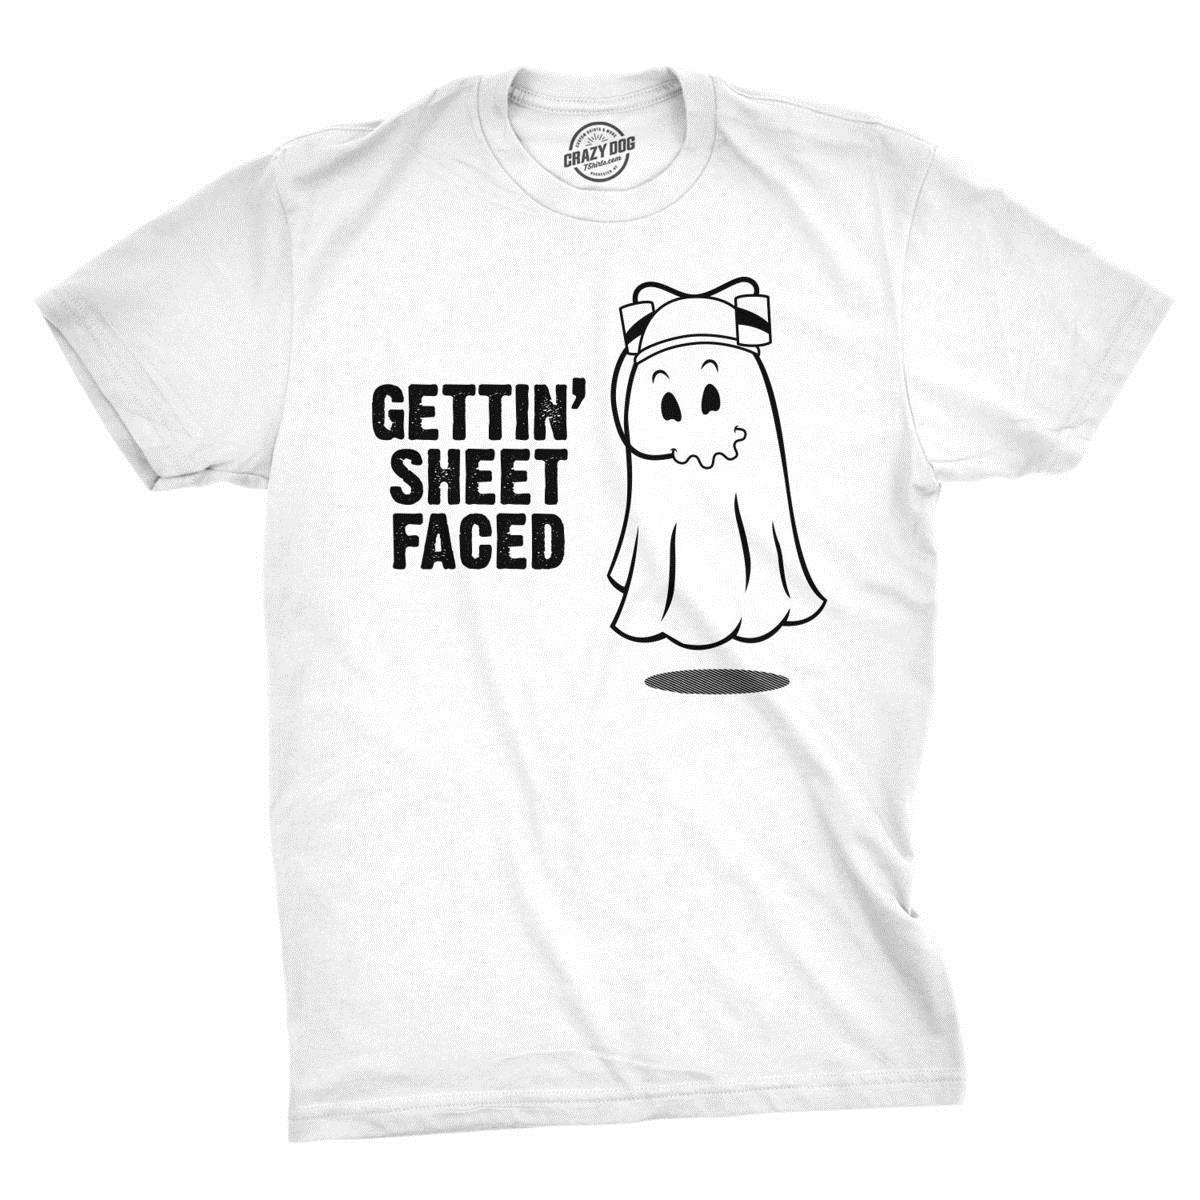 cfddcb24d Getting Sheet Faced T Shirt Funny Halloween Drinking Shirt Ghost Tee Poker T  Shirts Tshits From Zhangjingxin3, $15.53  DHgate.Com